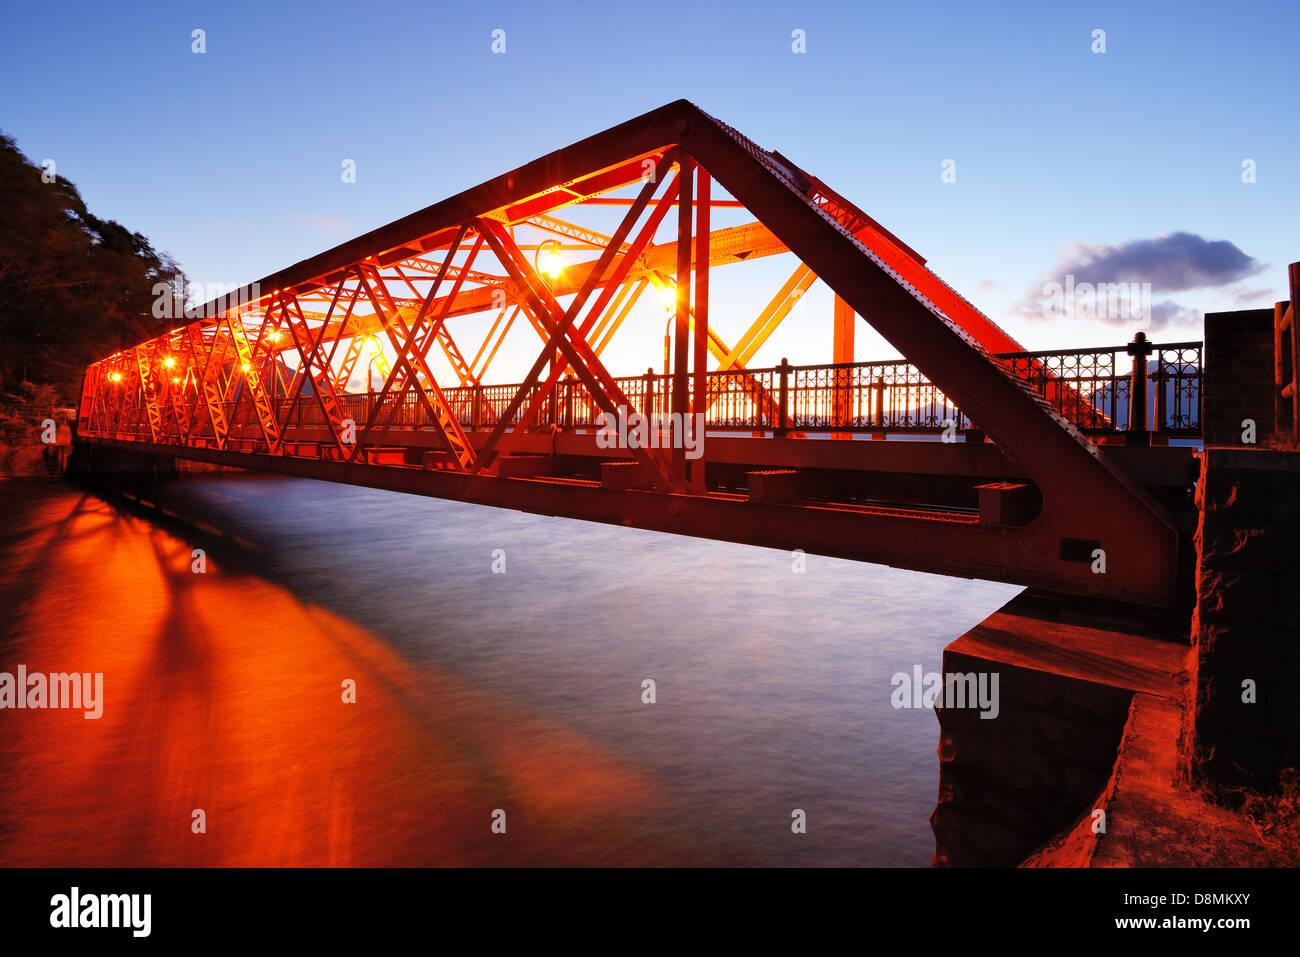 Sansen bridge spanning Shikotsu Lake nel nord dell'isola di Hokkaido, Giappone. Immagini Stock